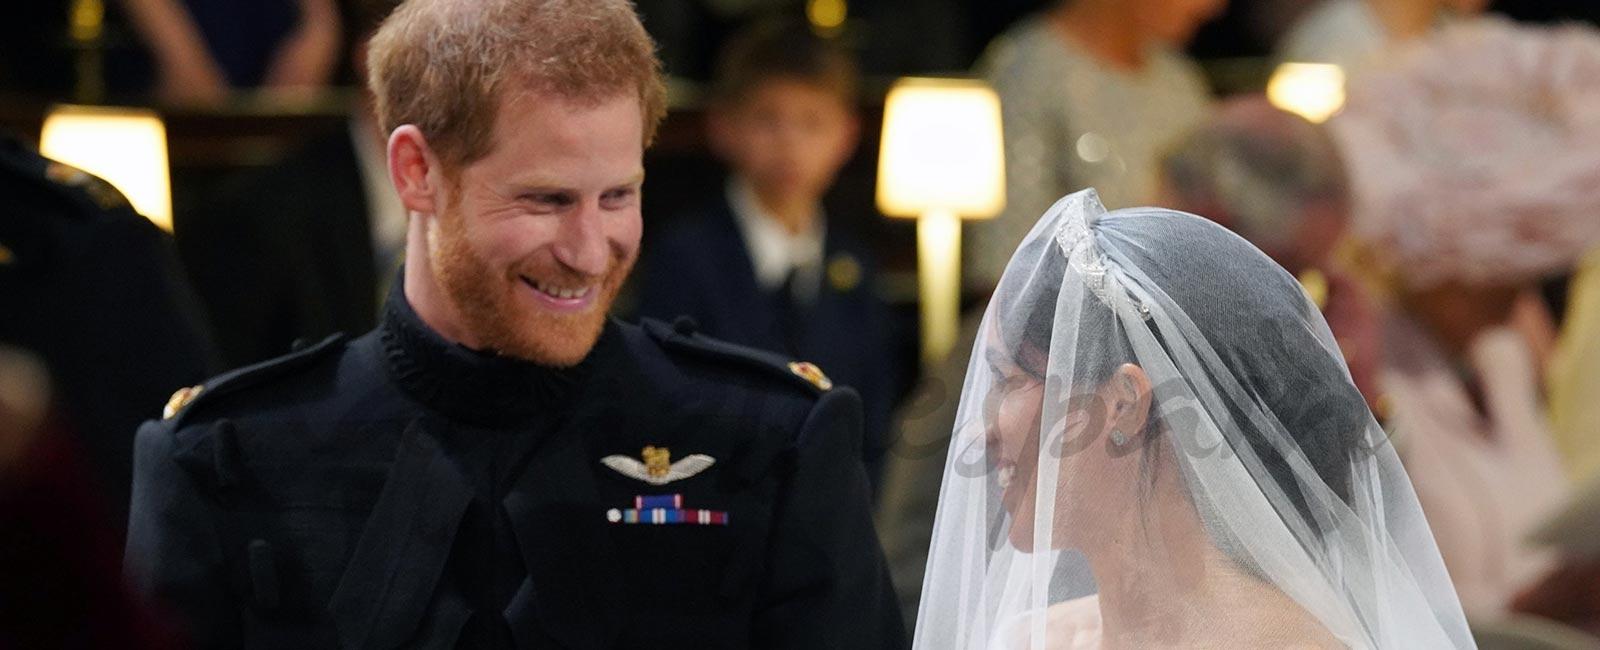 Las imágenes más esperadas de la boda de Meghan Markle y el príncipe Harry